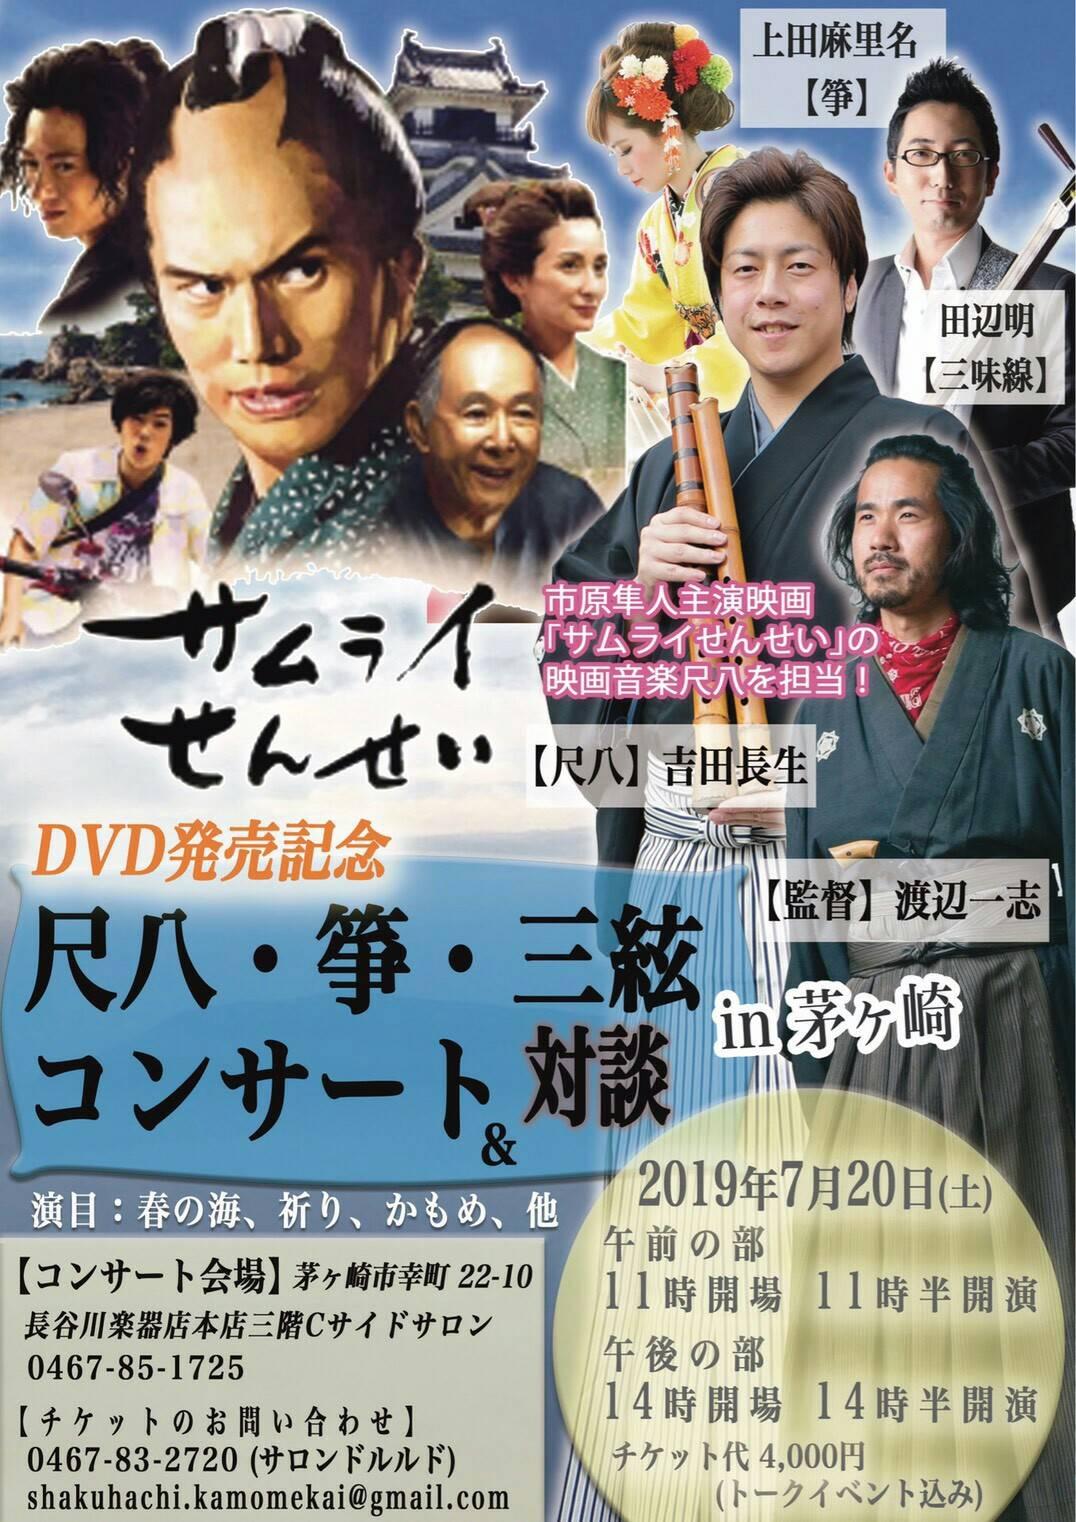 尺八・箏・三絃コンサート&対談 in 茅ヶ崎(午後の部)